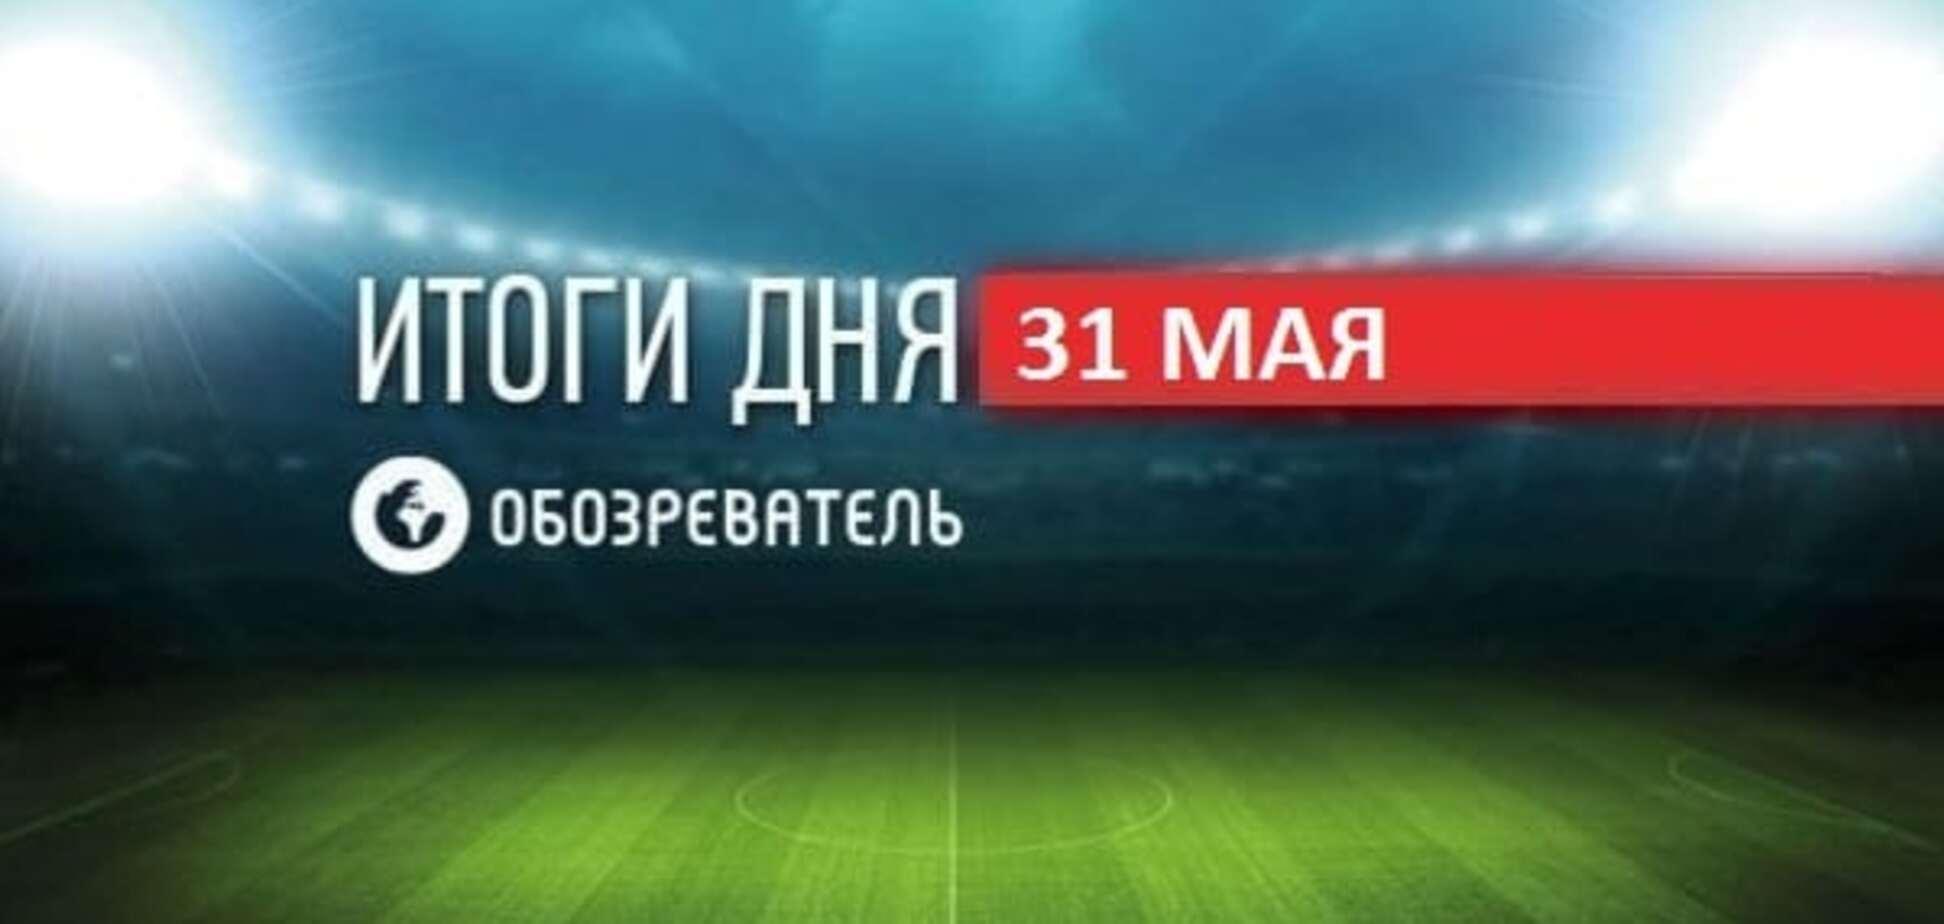 'Шахтер' и сборная Украины сделали важные заявления. Спортивные итоги 31 мая